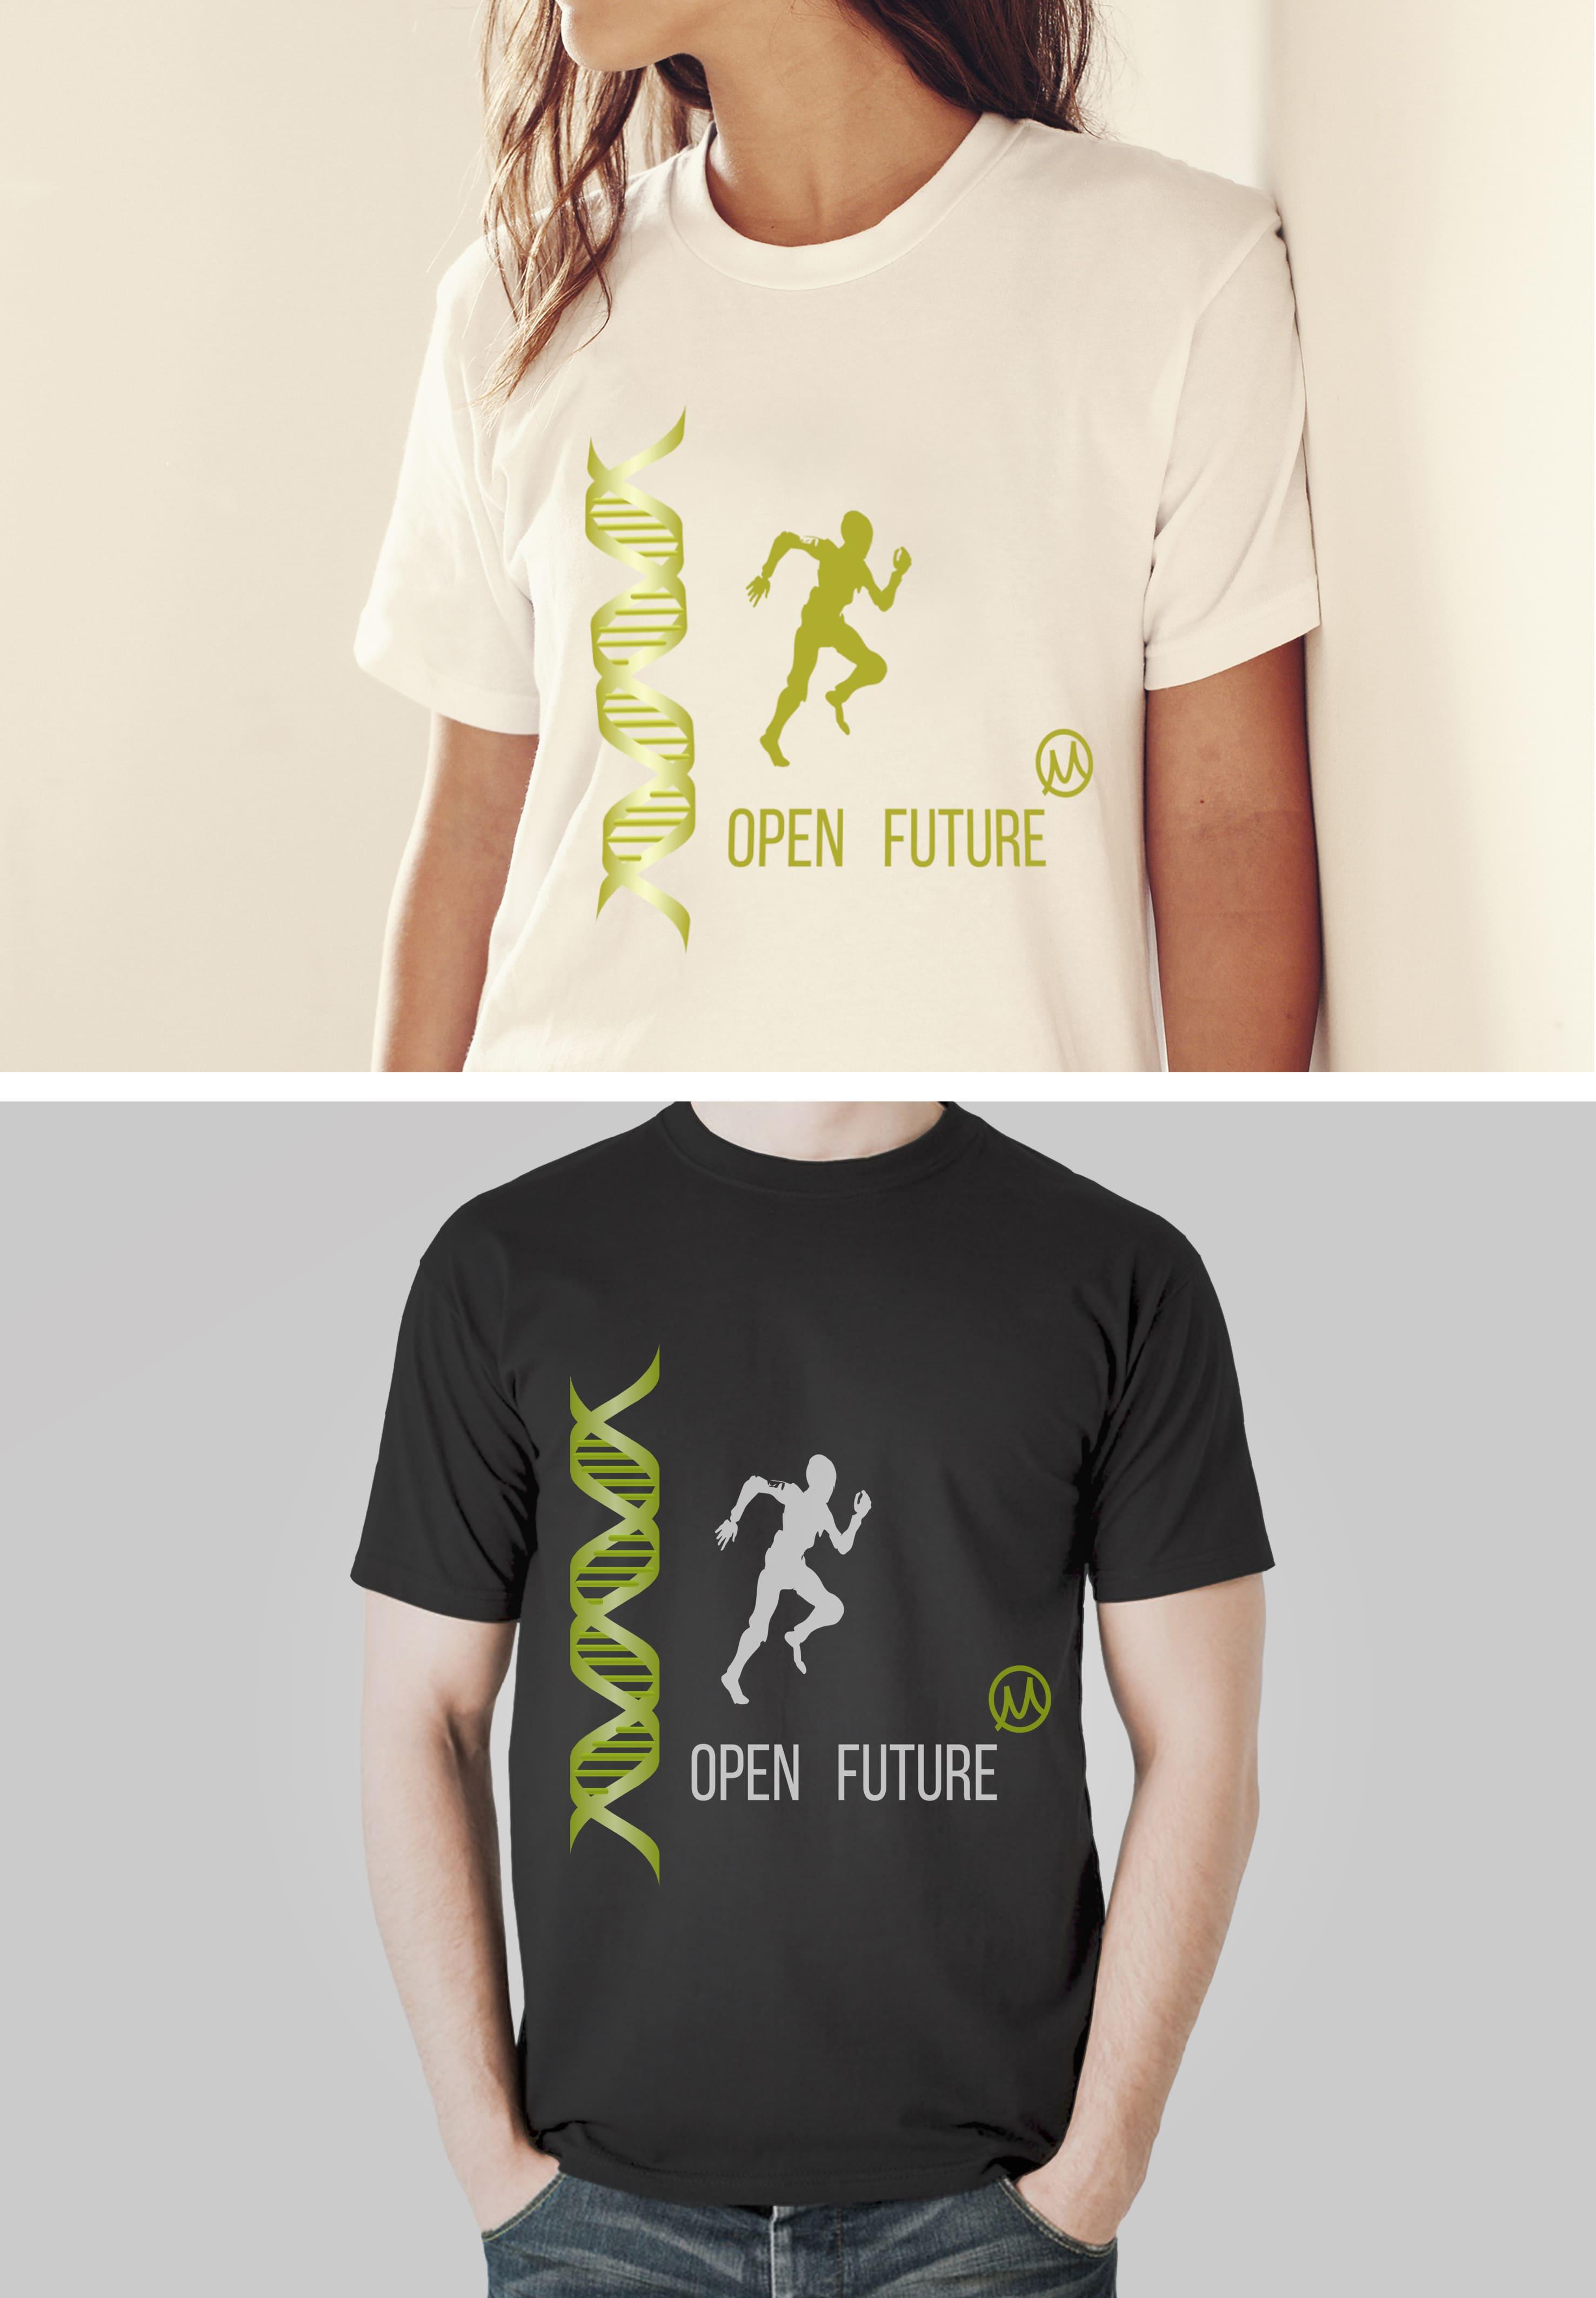 Нарисовать принты на футболки для компании Моторика фото f_69760a63d7ad5f5d.jpg